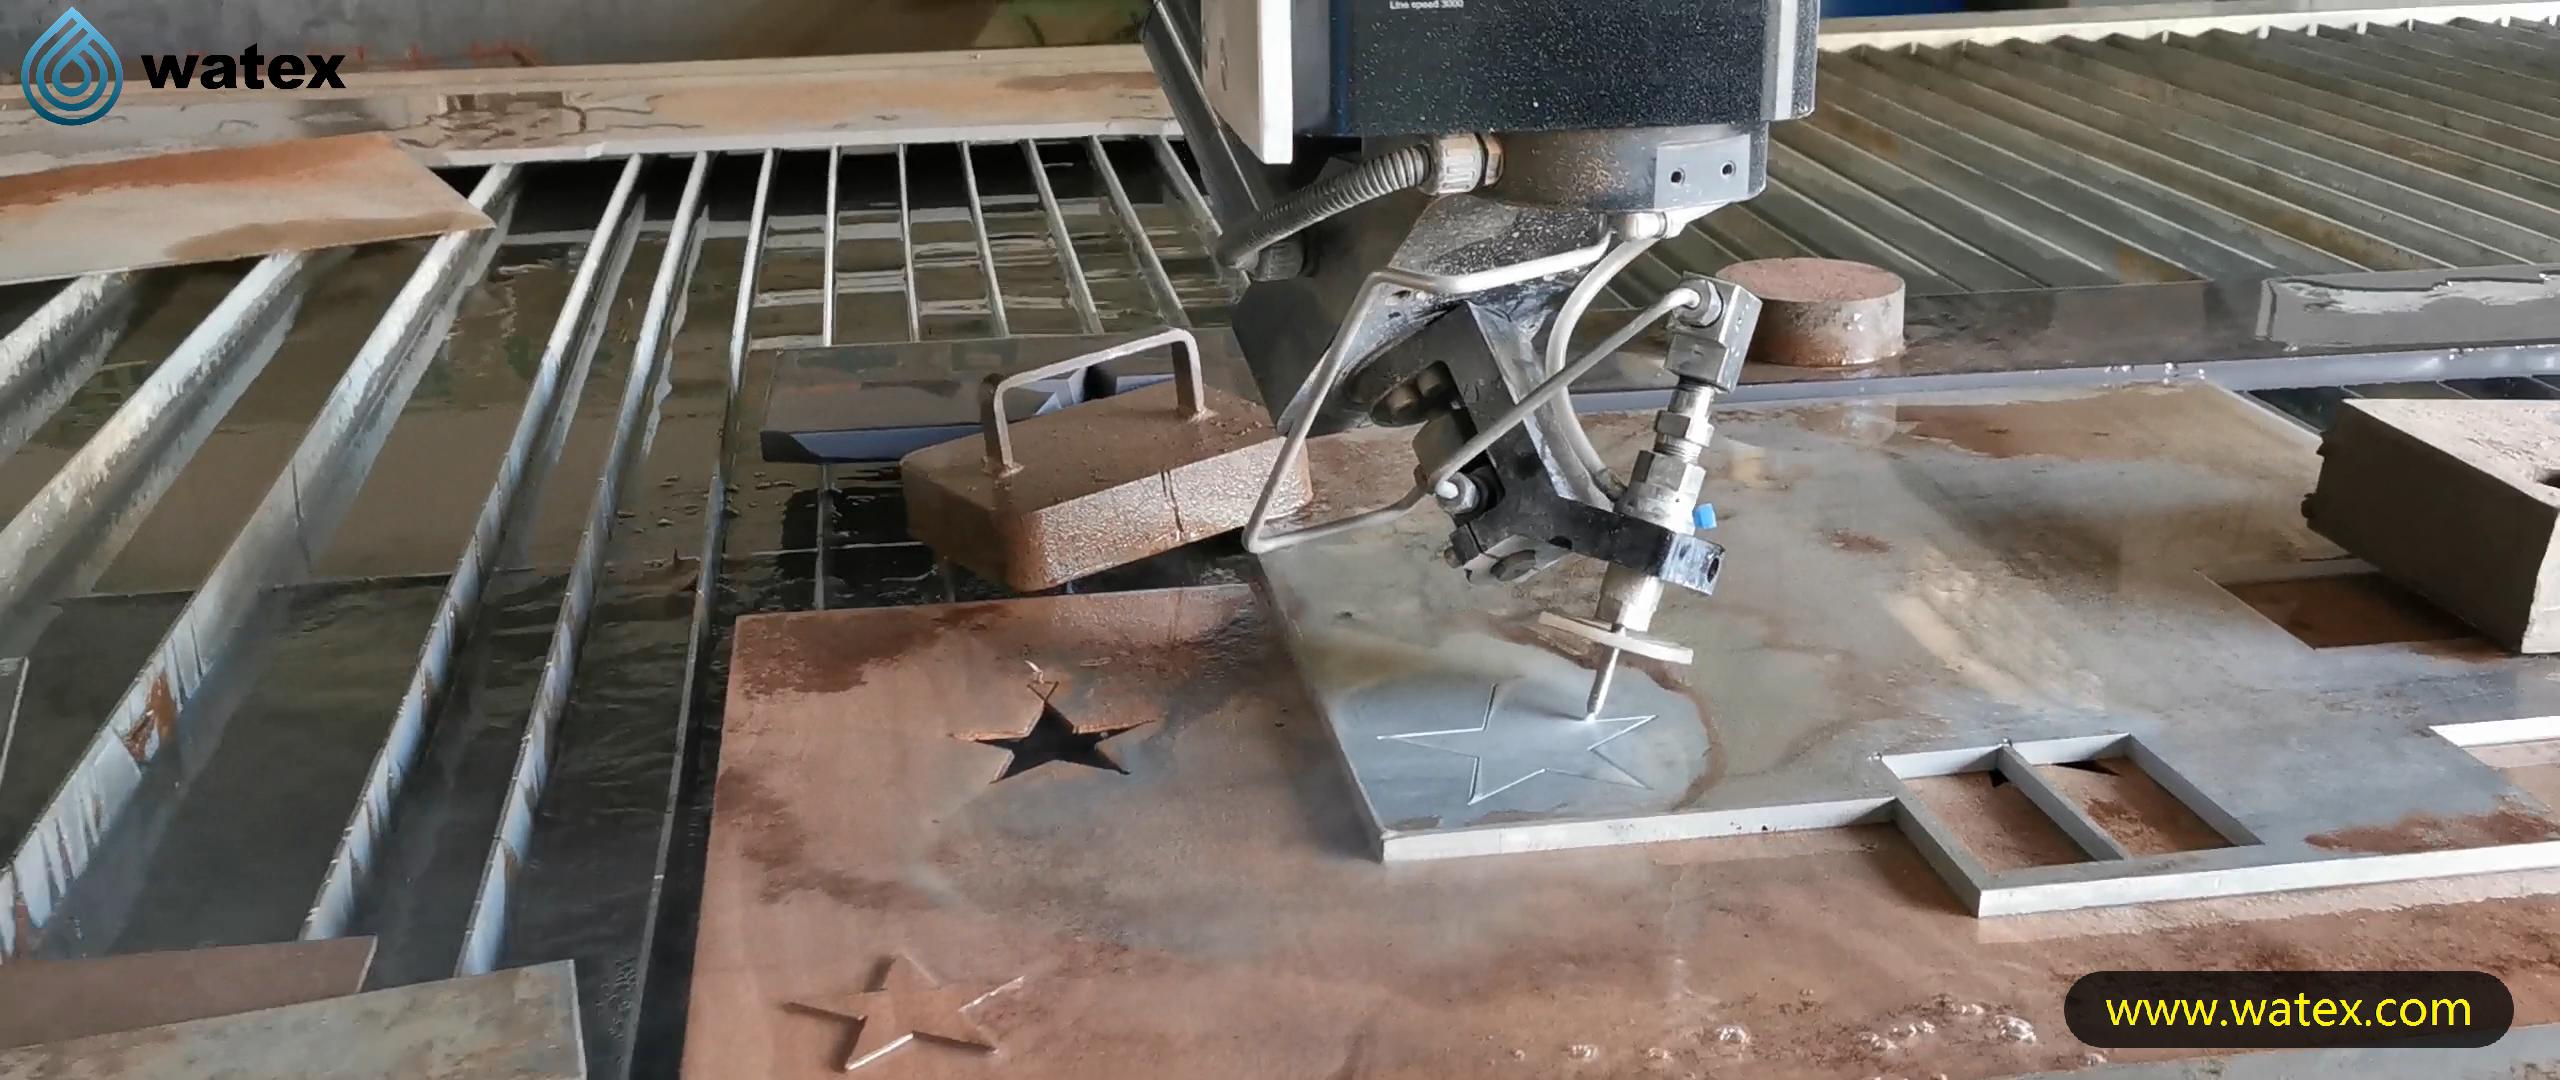 מכונת חיתוך waterjet, מכונת חיתוך גרניט סילון מים, גרניט מכונת חיתוך סילון מים 5 ציר 3D עם CE TUV ISO9001